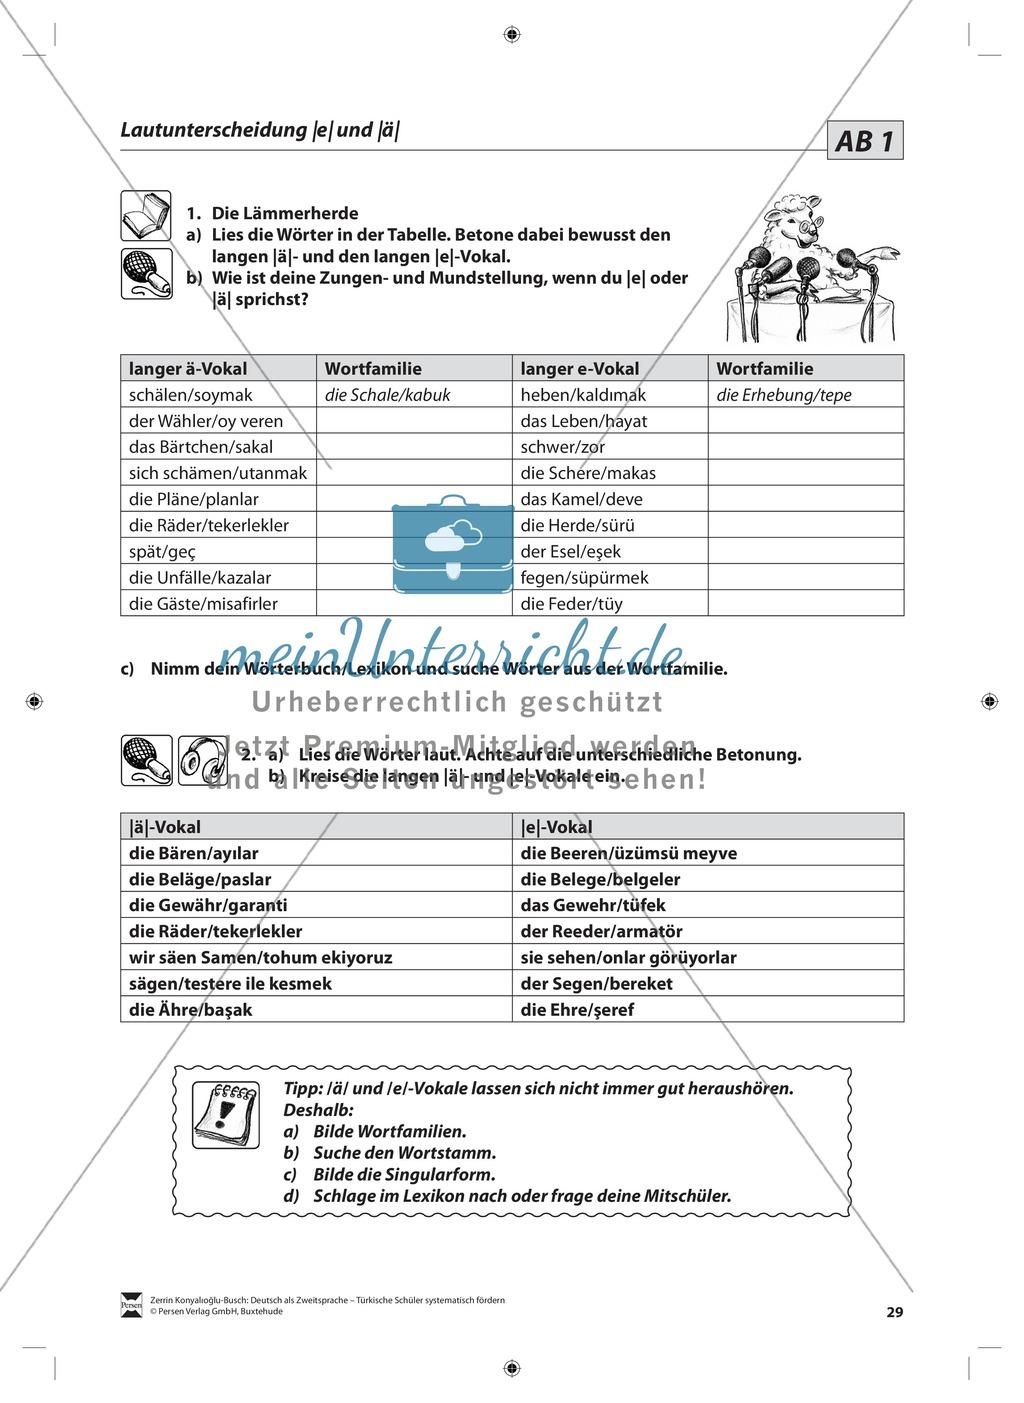 Laut-Buchstaben-Zuordnung